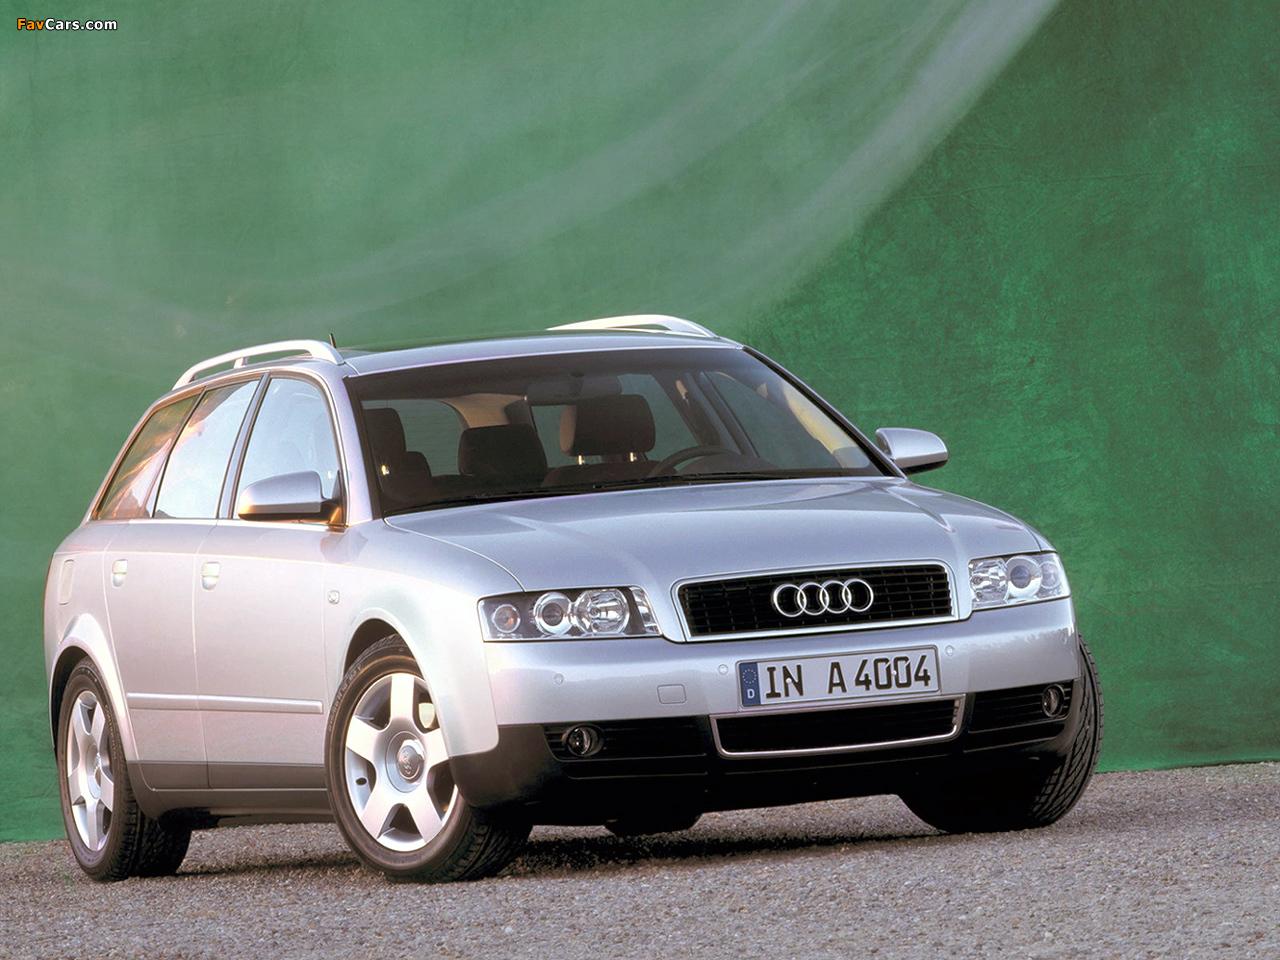 Images Of Audi A4 1 9 Tdi Avant B6 8e 2001 2004 1280x960